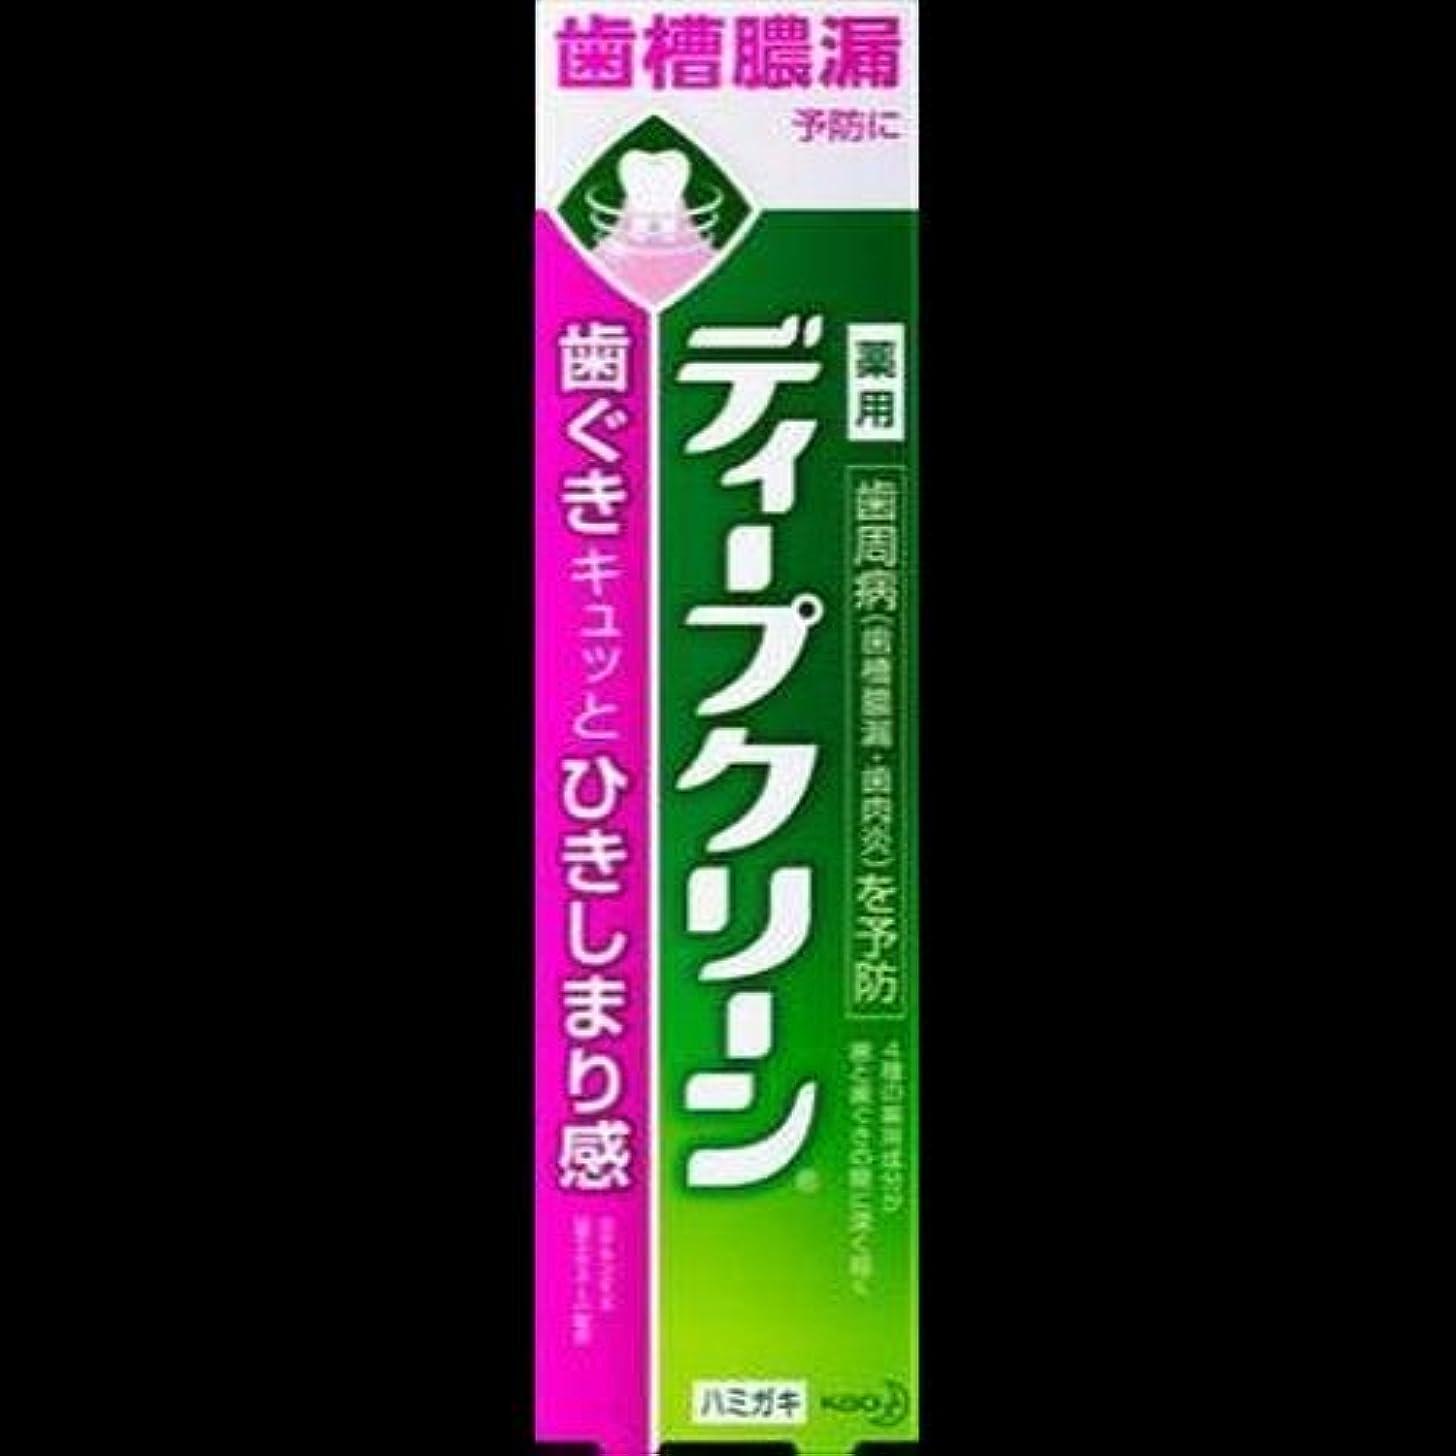 使用法パンフレット胆嚢【まとめ買い】ディープクリーン 薬用ハミガキ 100g ×2セット